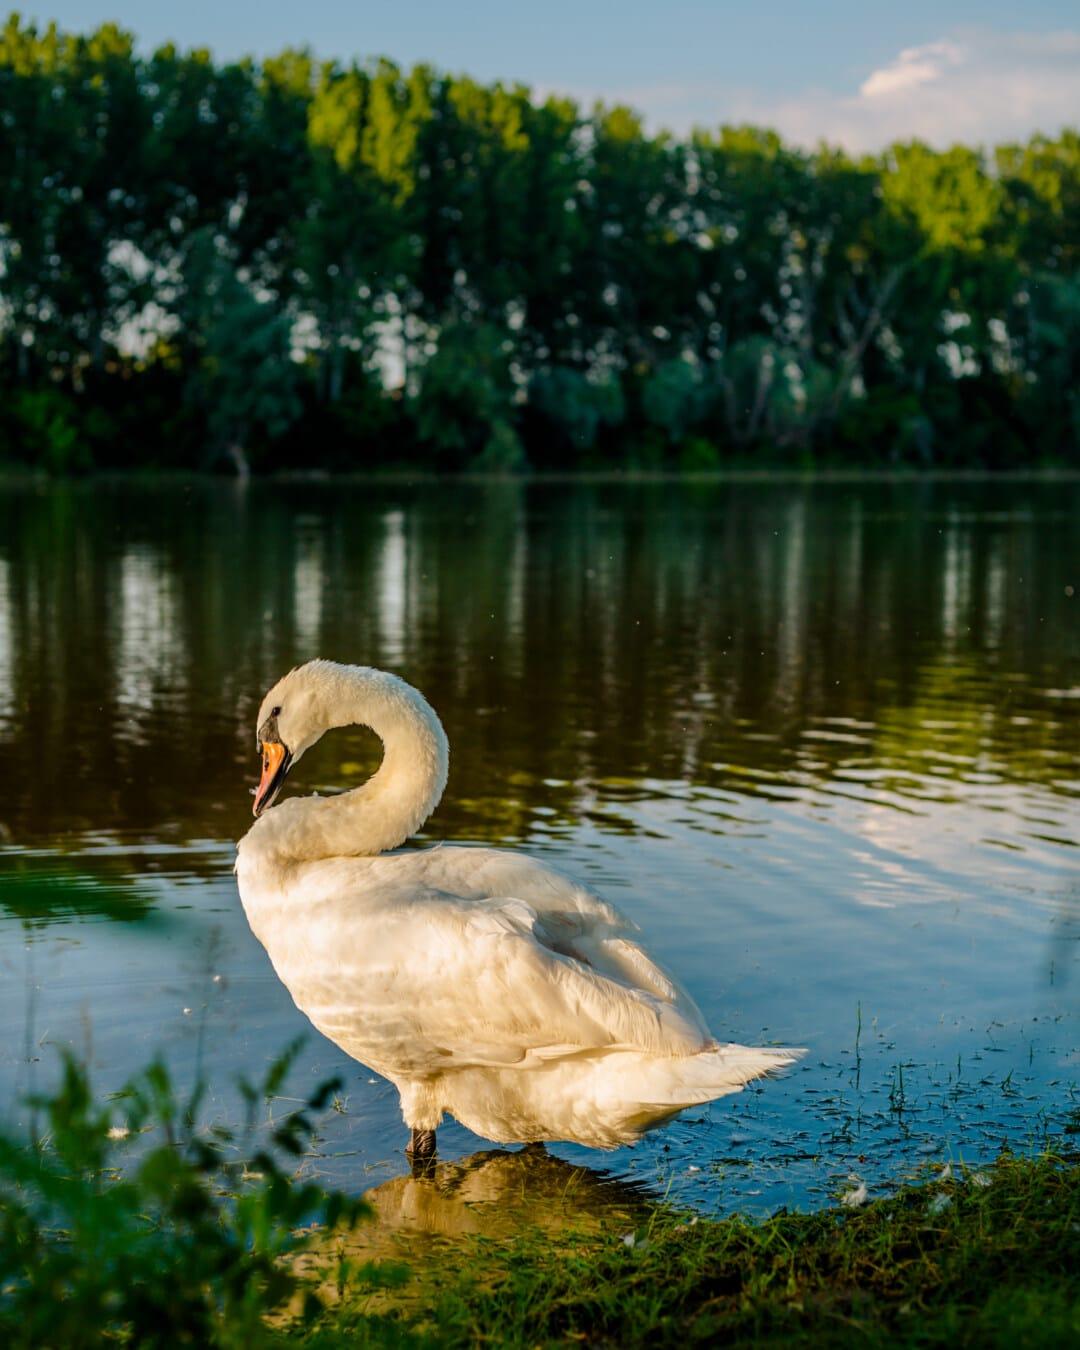 Schwan, Flussufer, stehende, Hals, Anmut, Seitenansicht, See, Vogel, Natur, Wasservögel